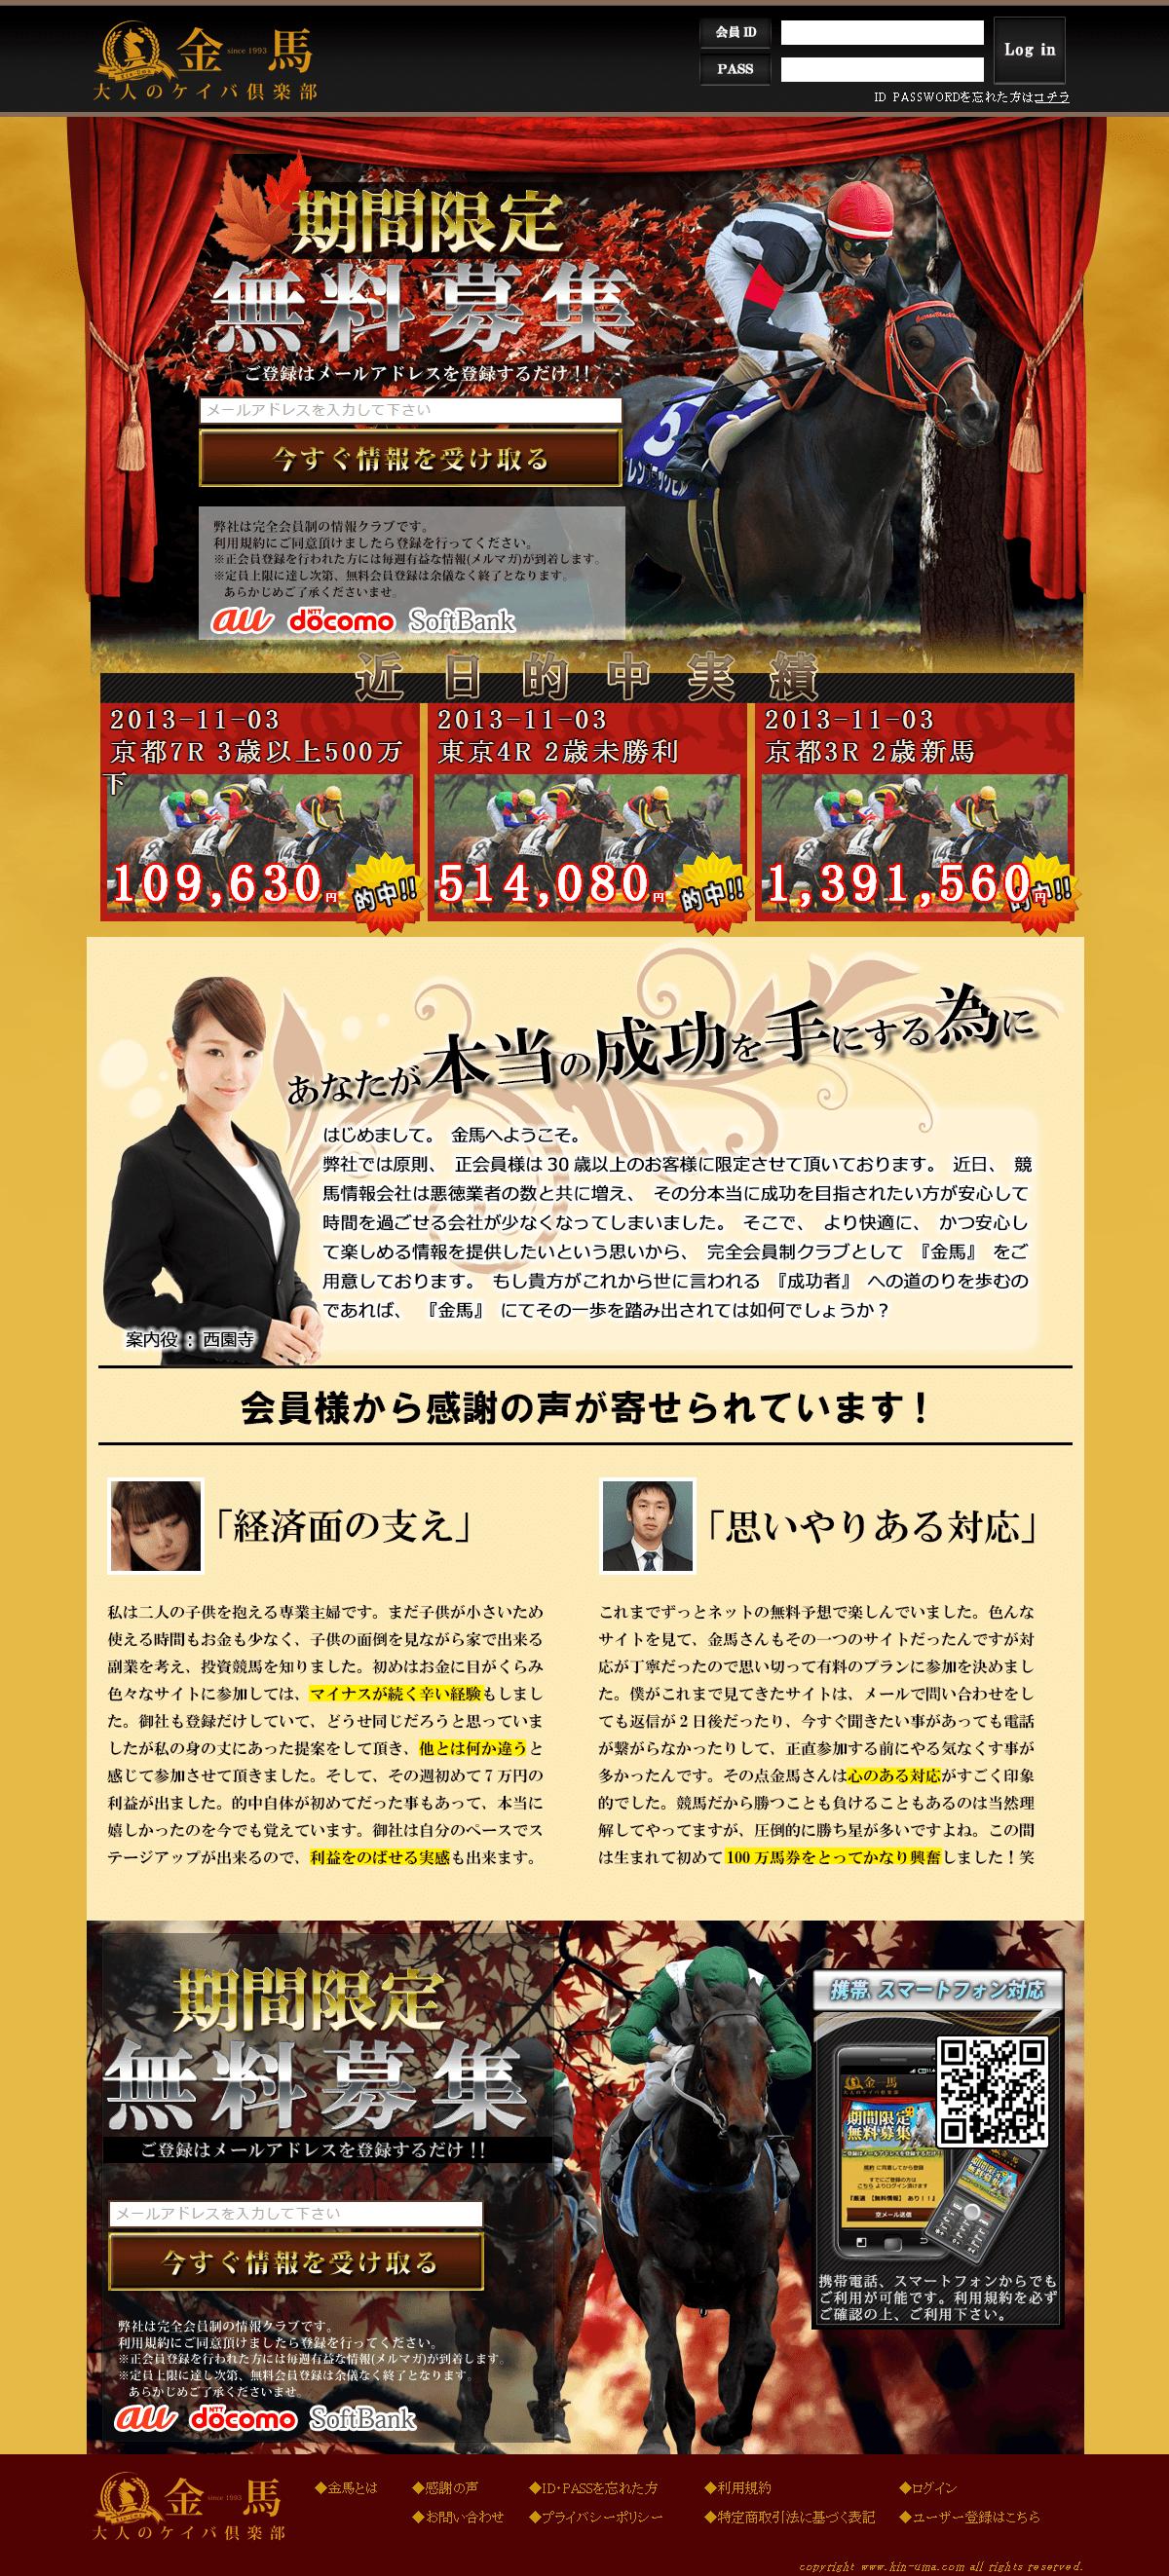 金馬 ~大人のケイバ倶楽部~